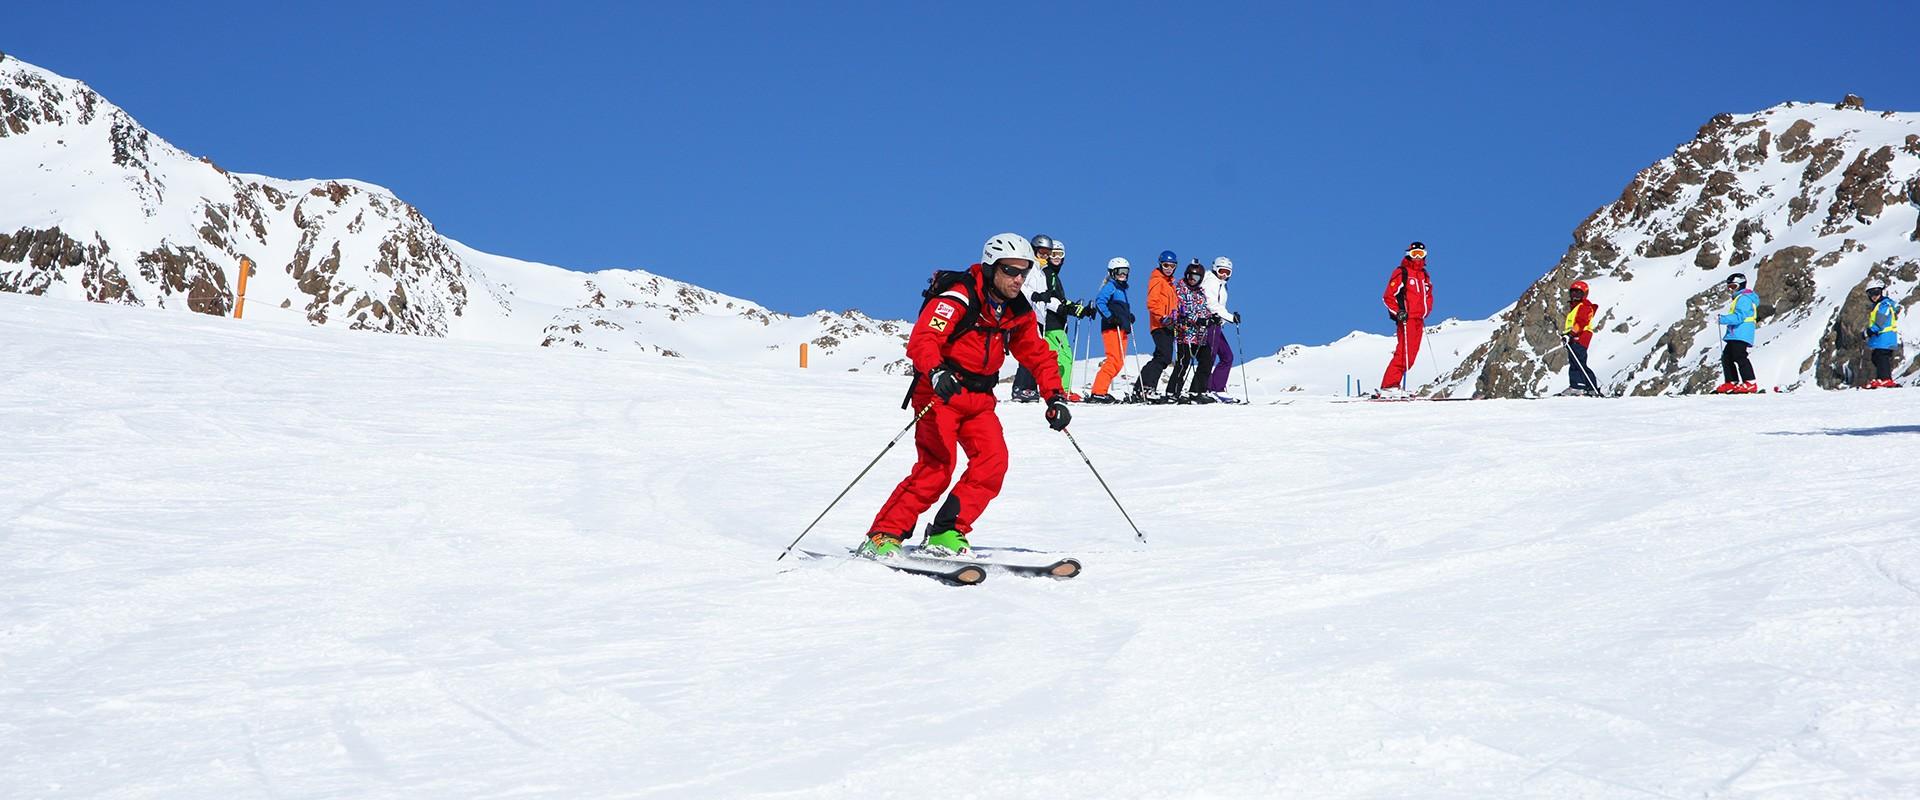 Skischule Pitztal - Werner Kirschner